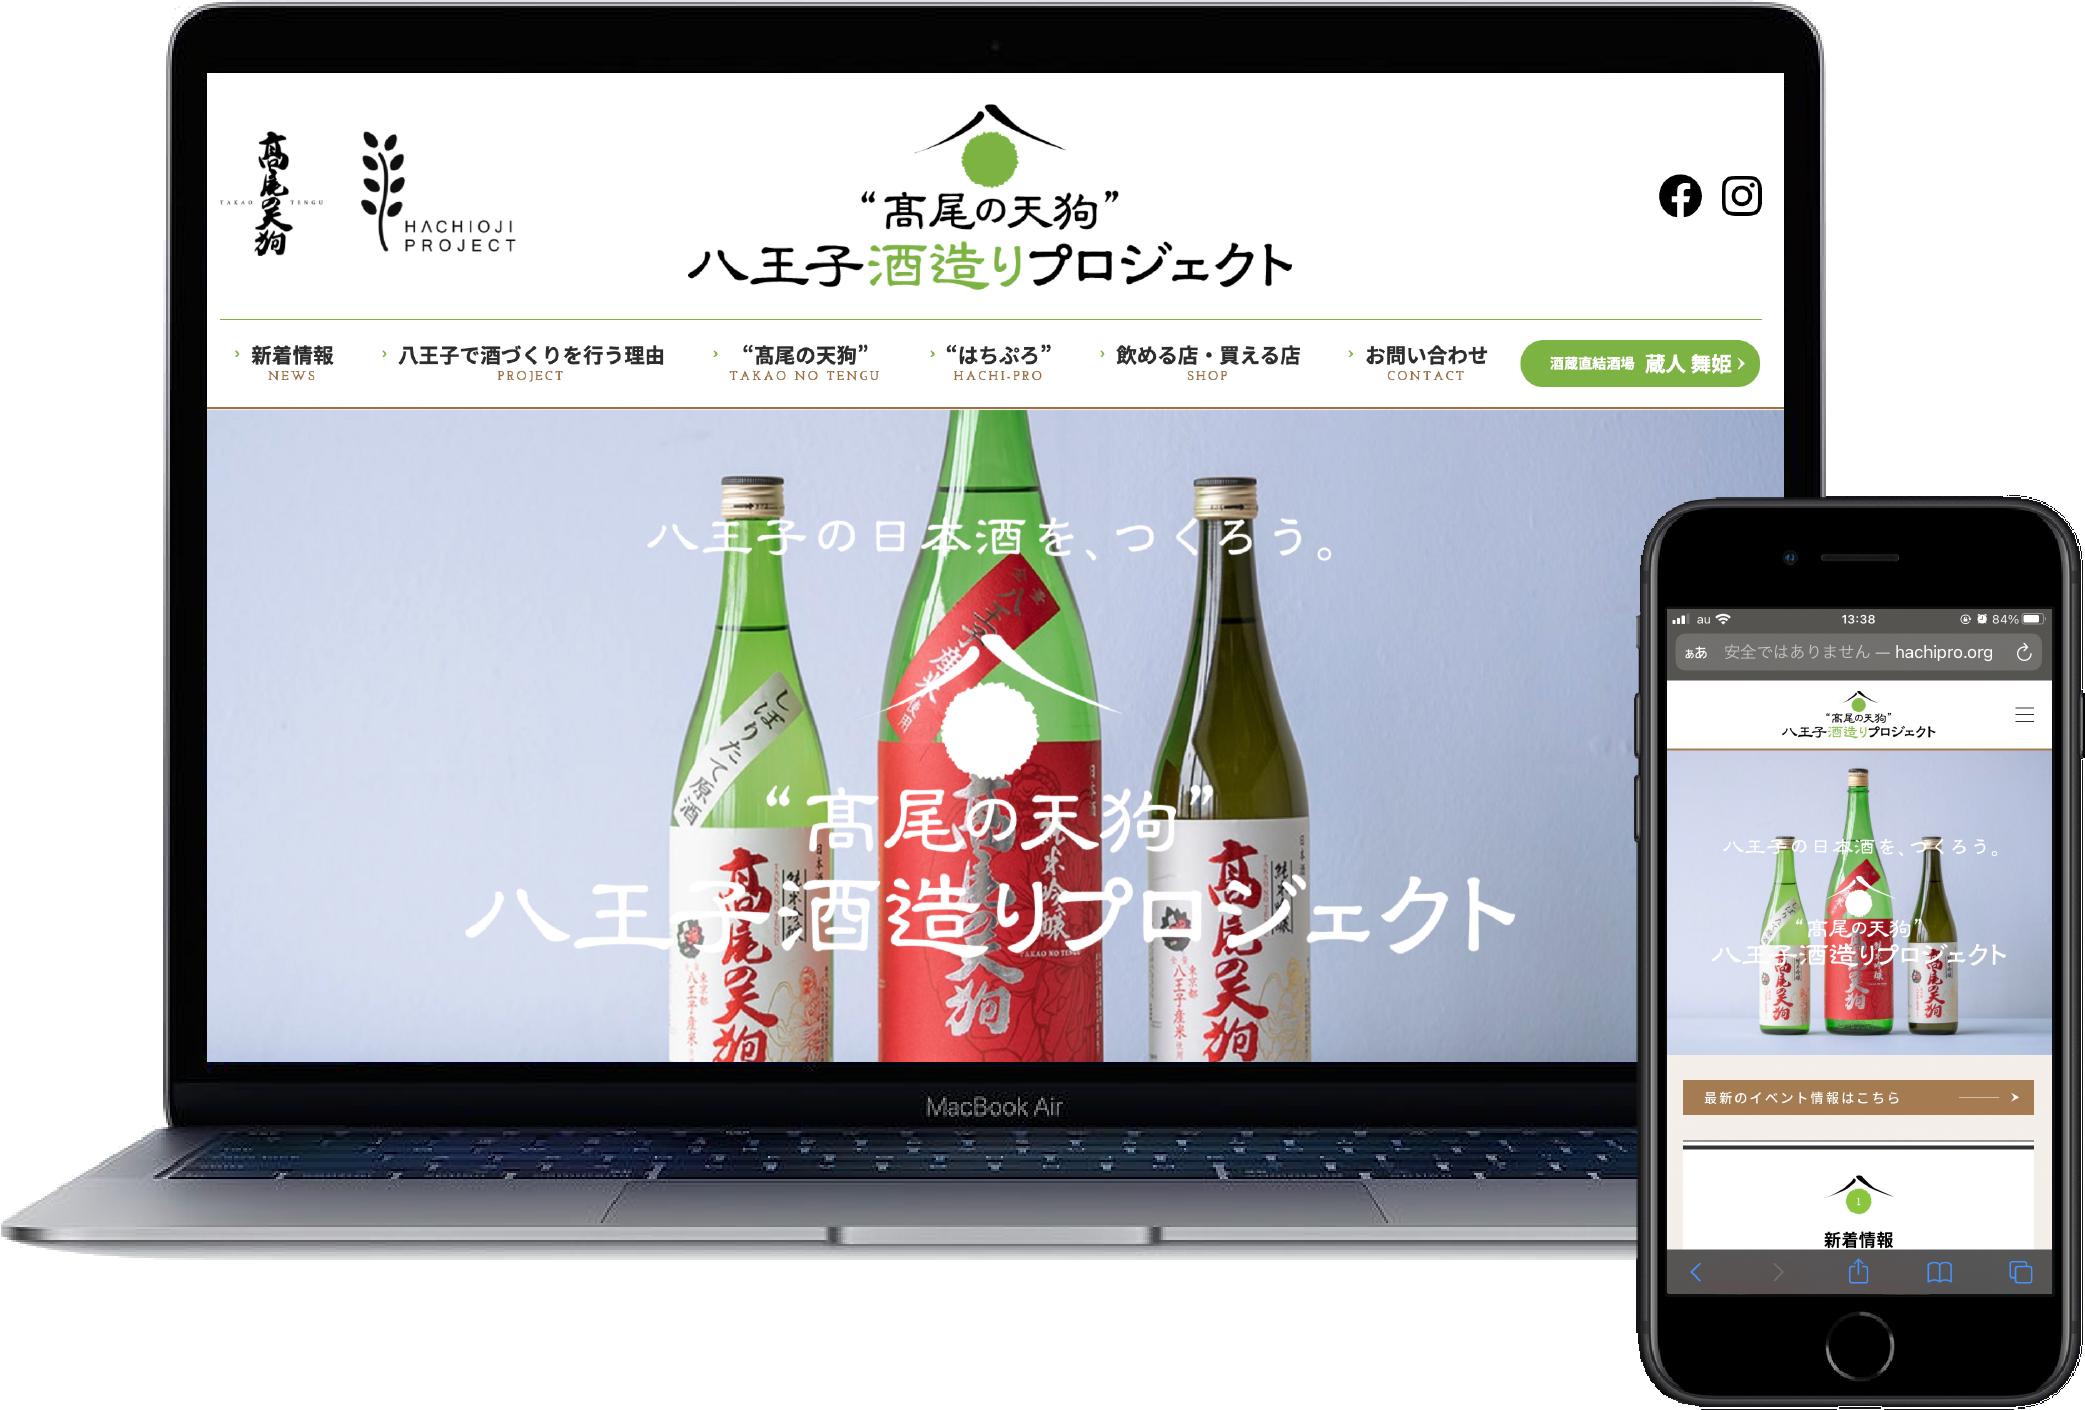 HACHI-PRO / WEB SITE